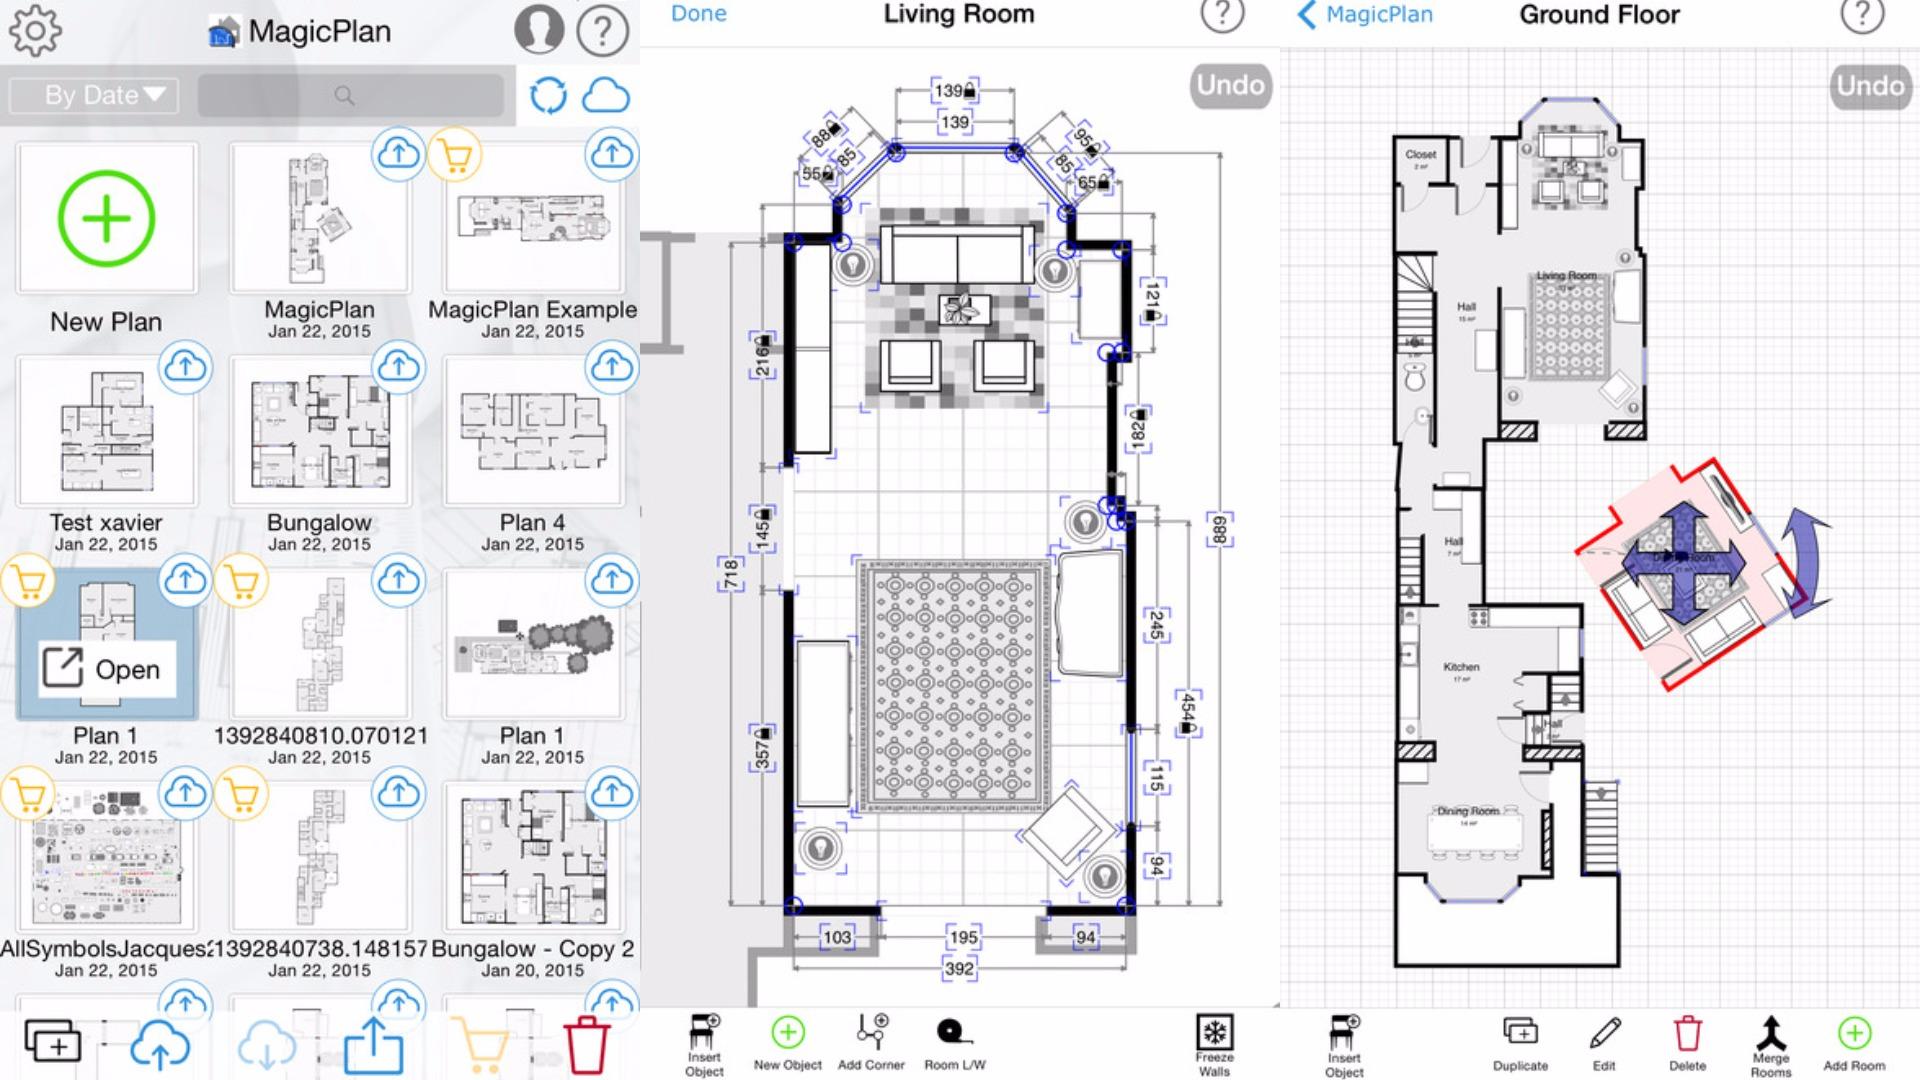 Floorplans viewed in MagicPlan